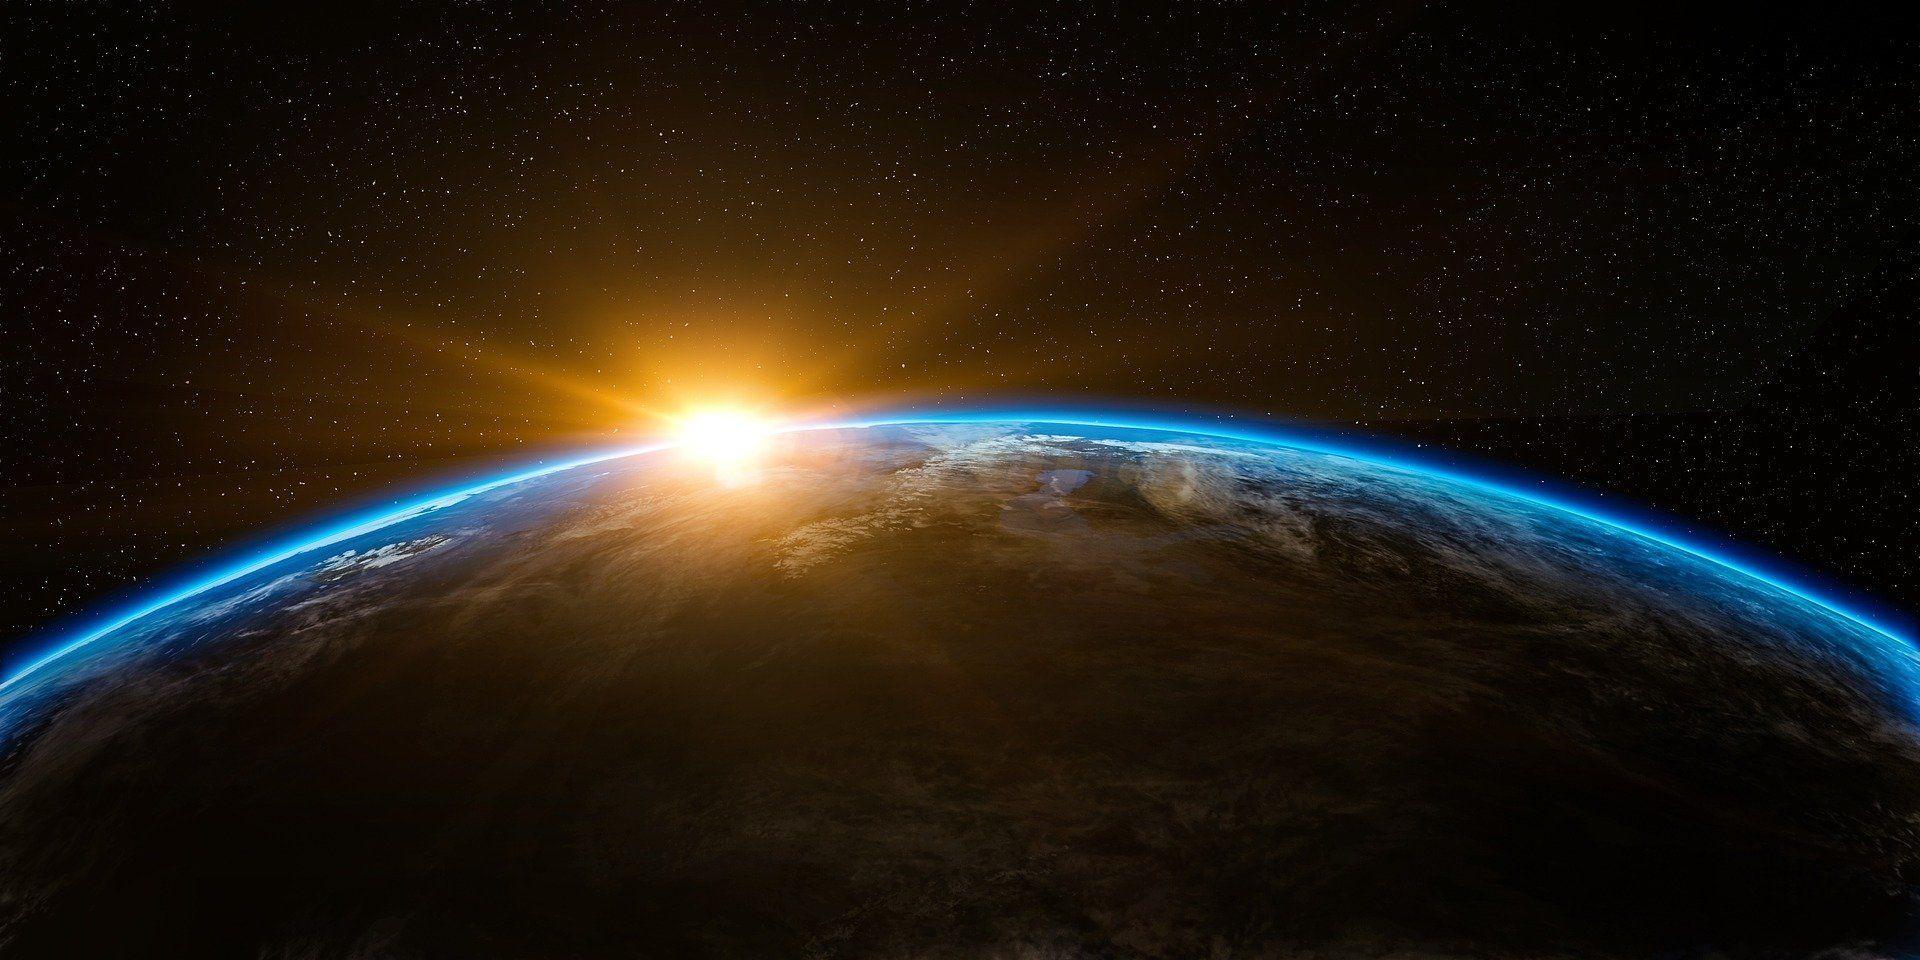 28 августа 1991 года на Землю пришло первое электронное письмо из космоса